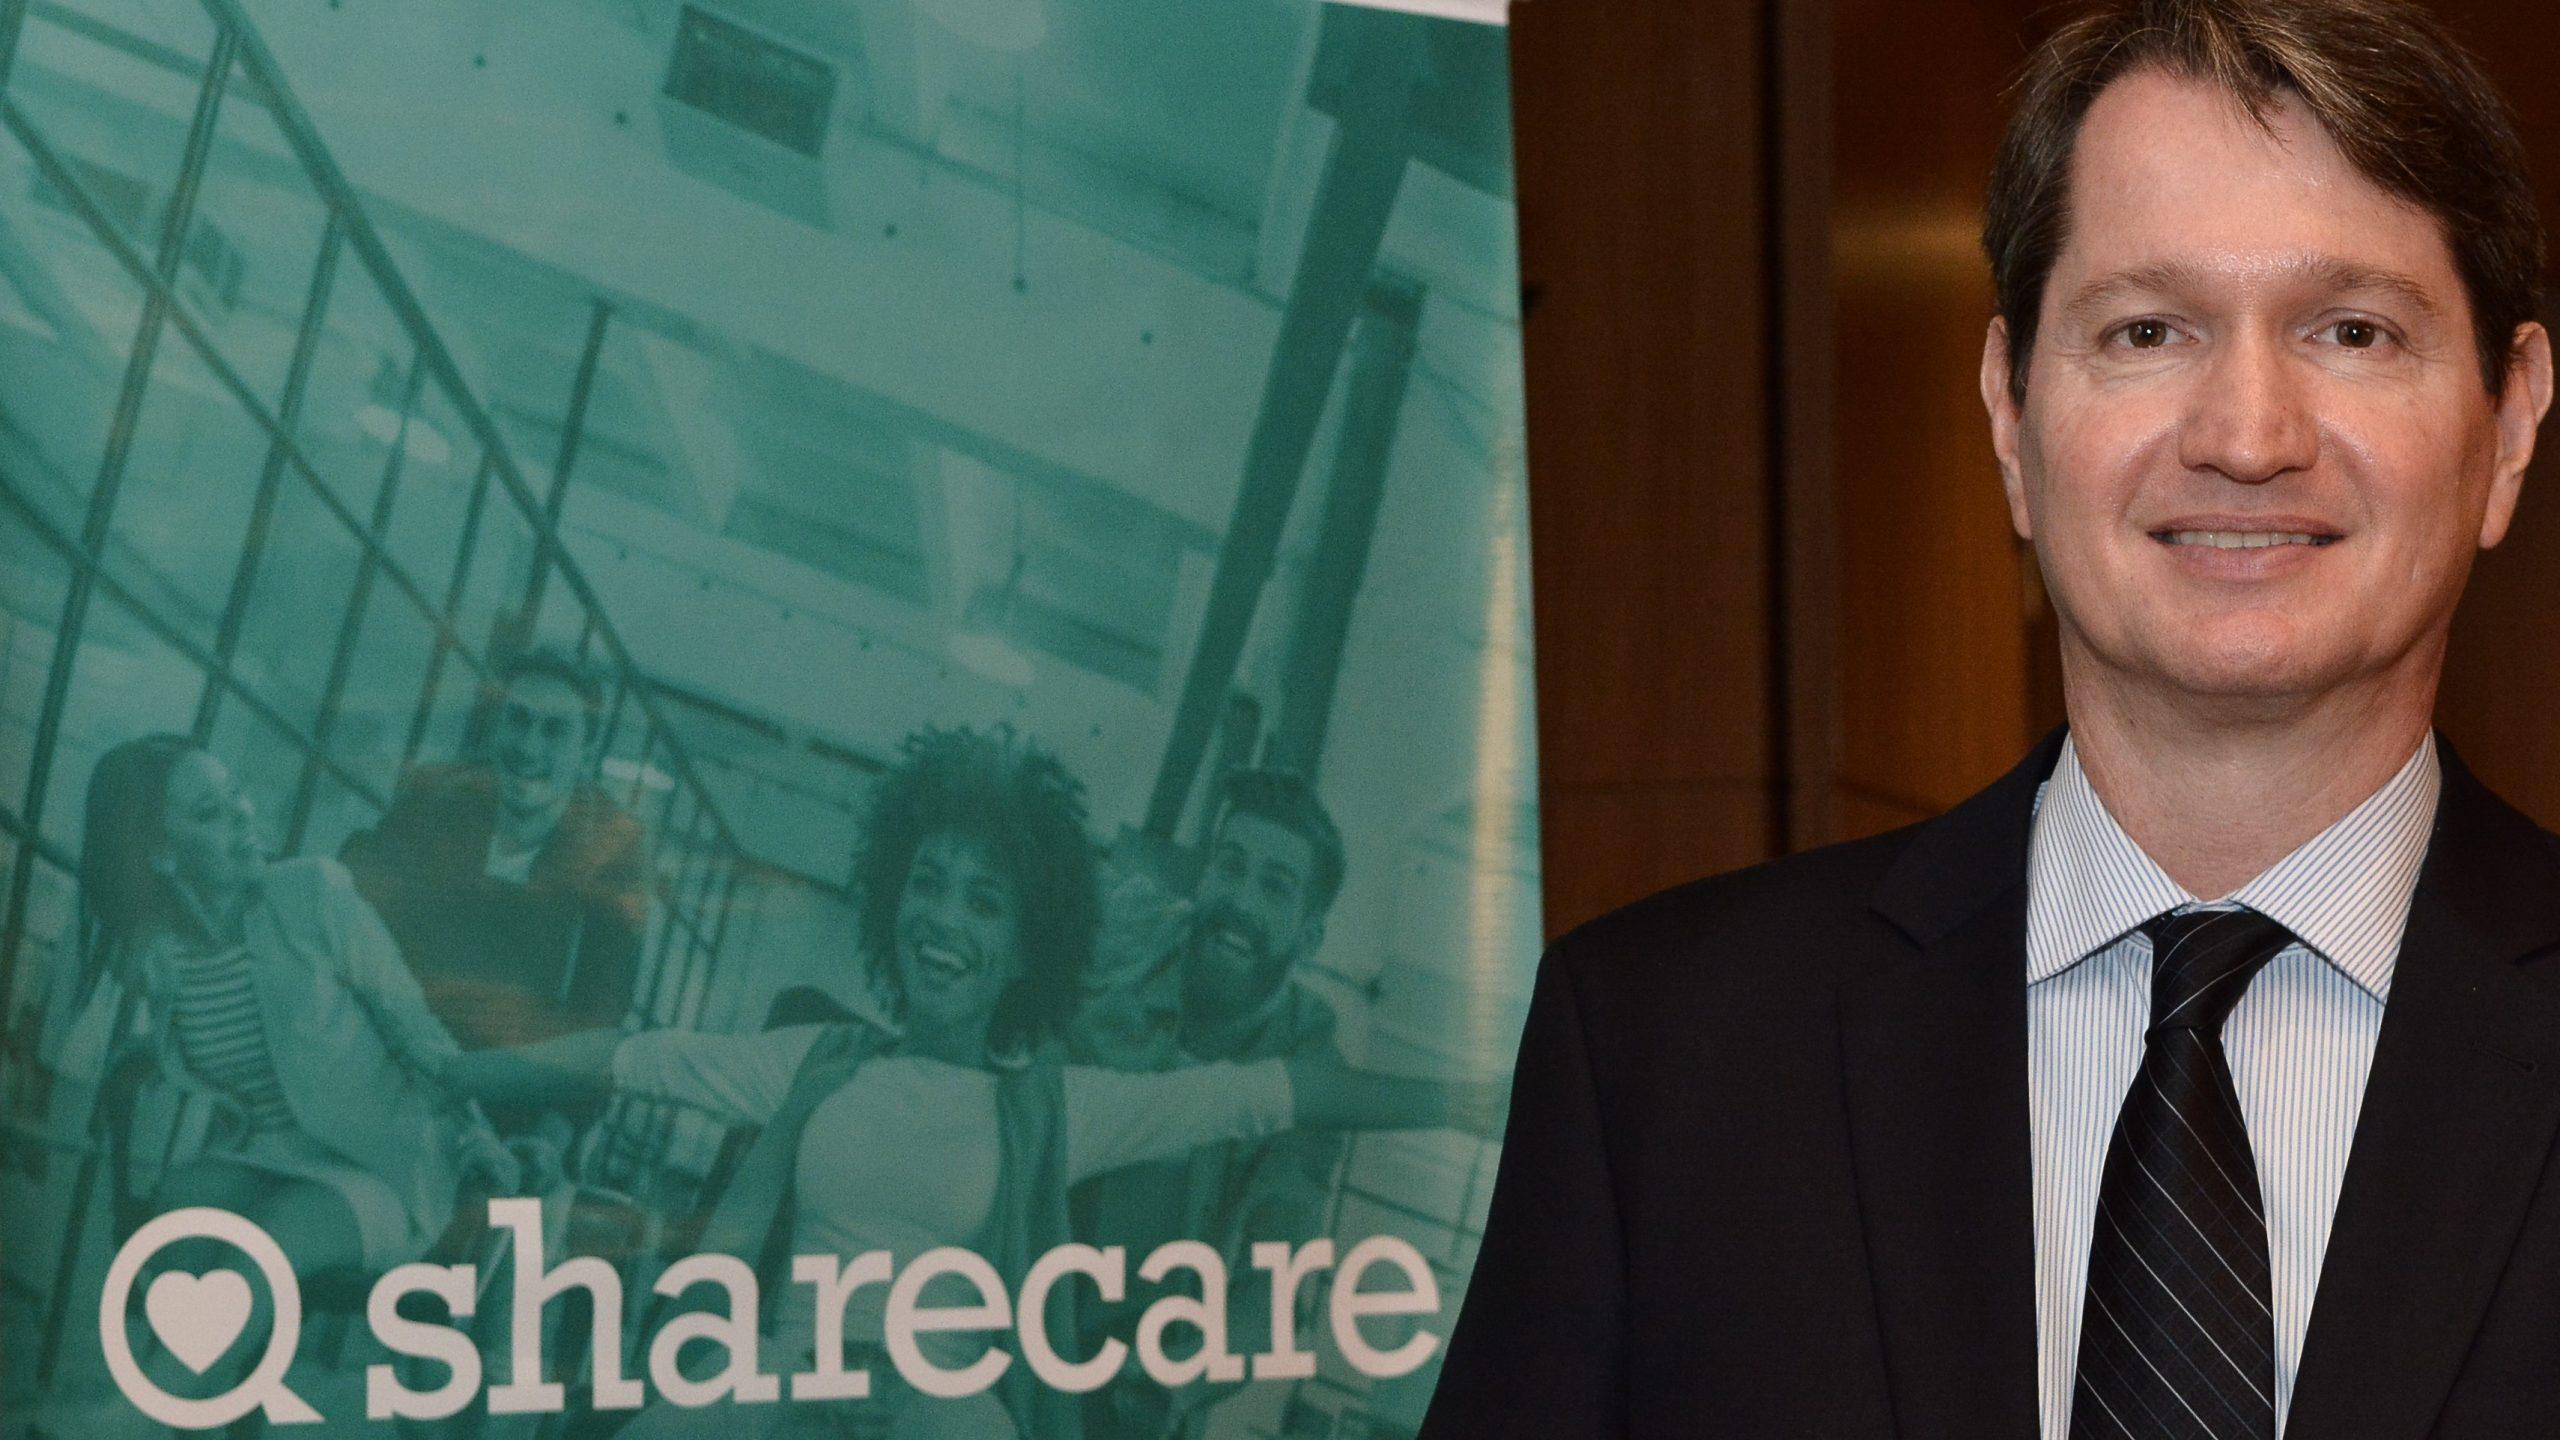 Com mudanças na telemedicina, Sharecare relata crescimento nas operações